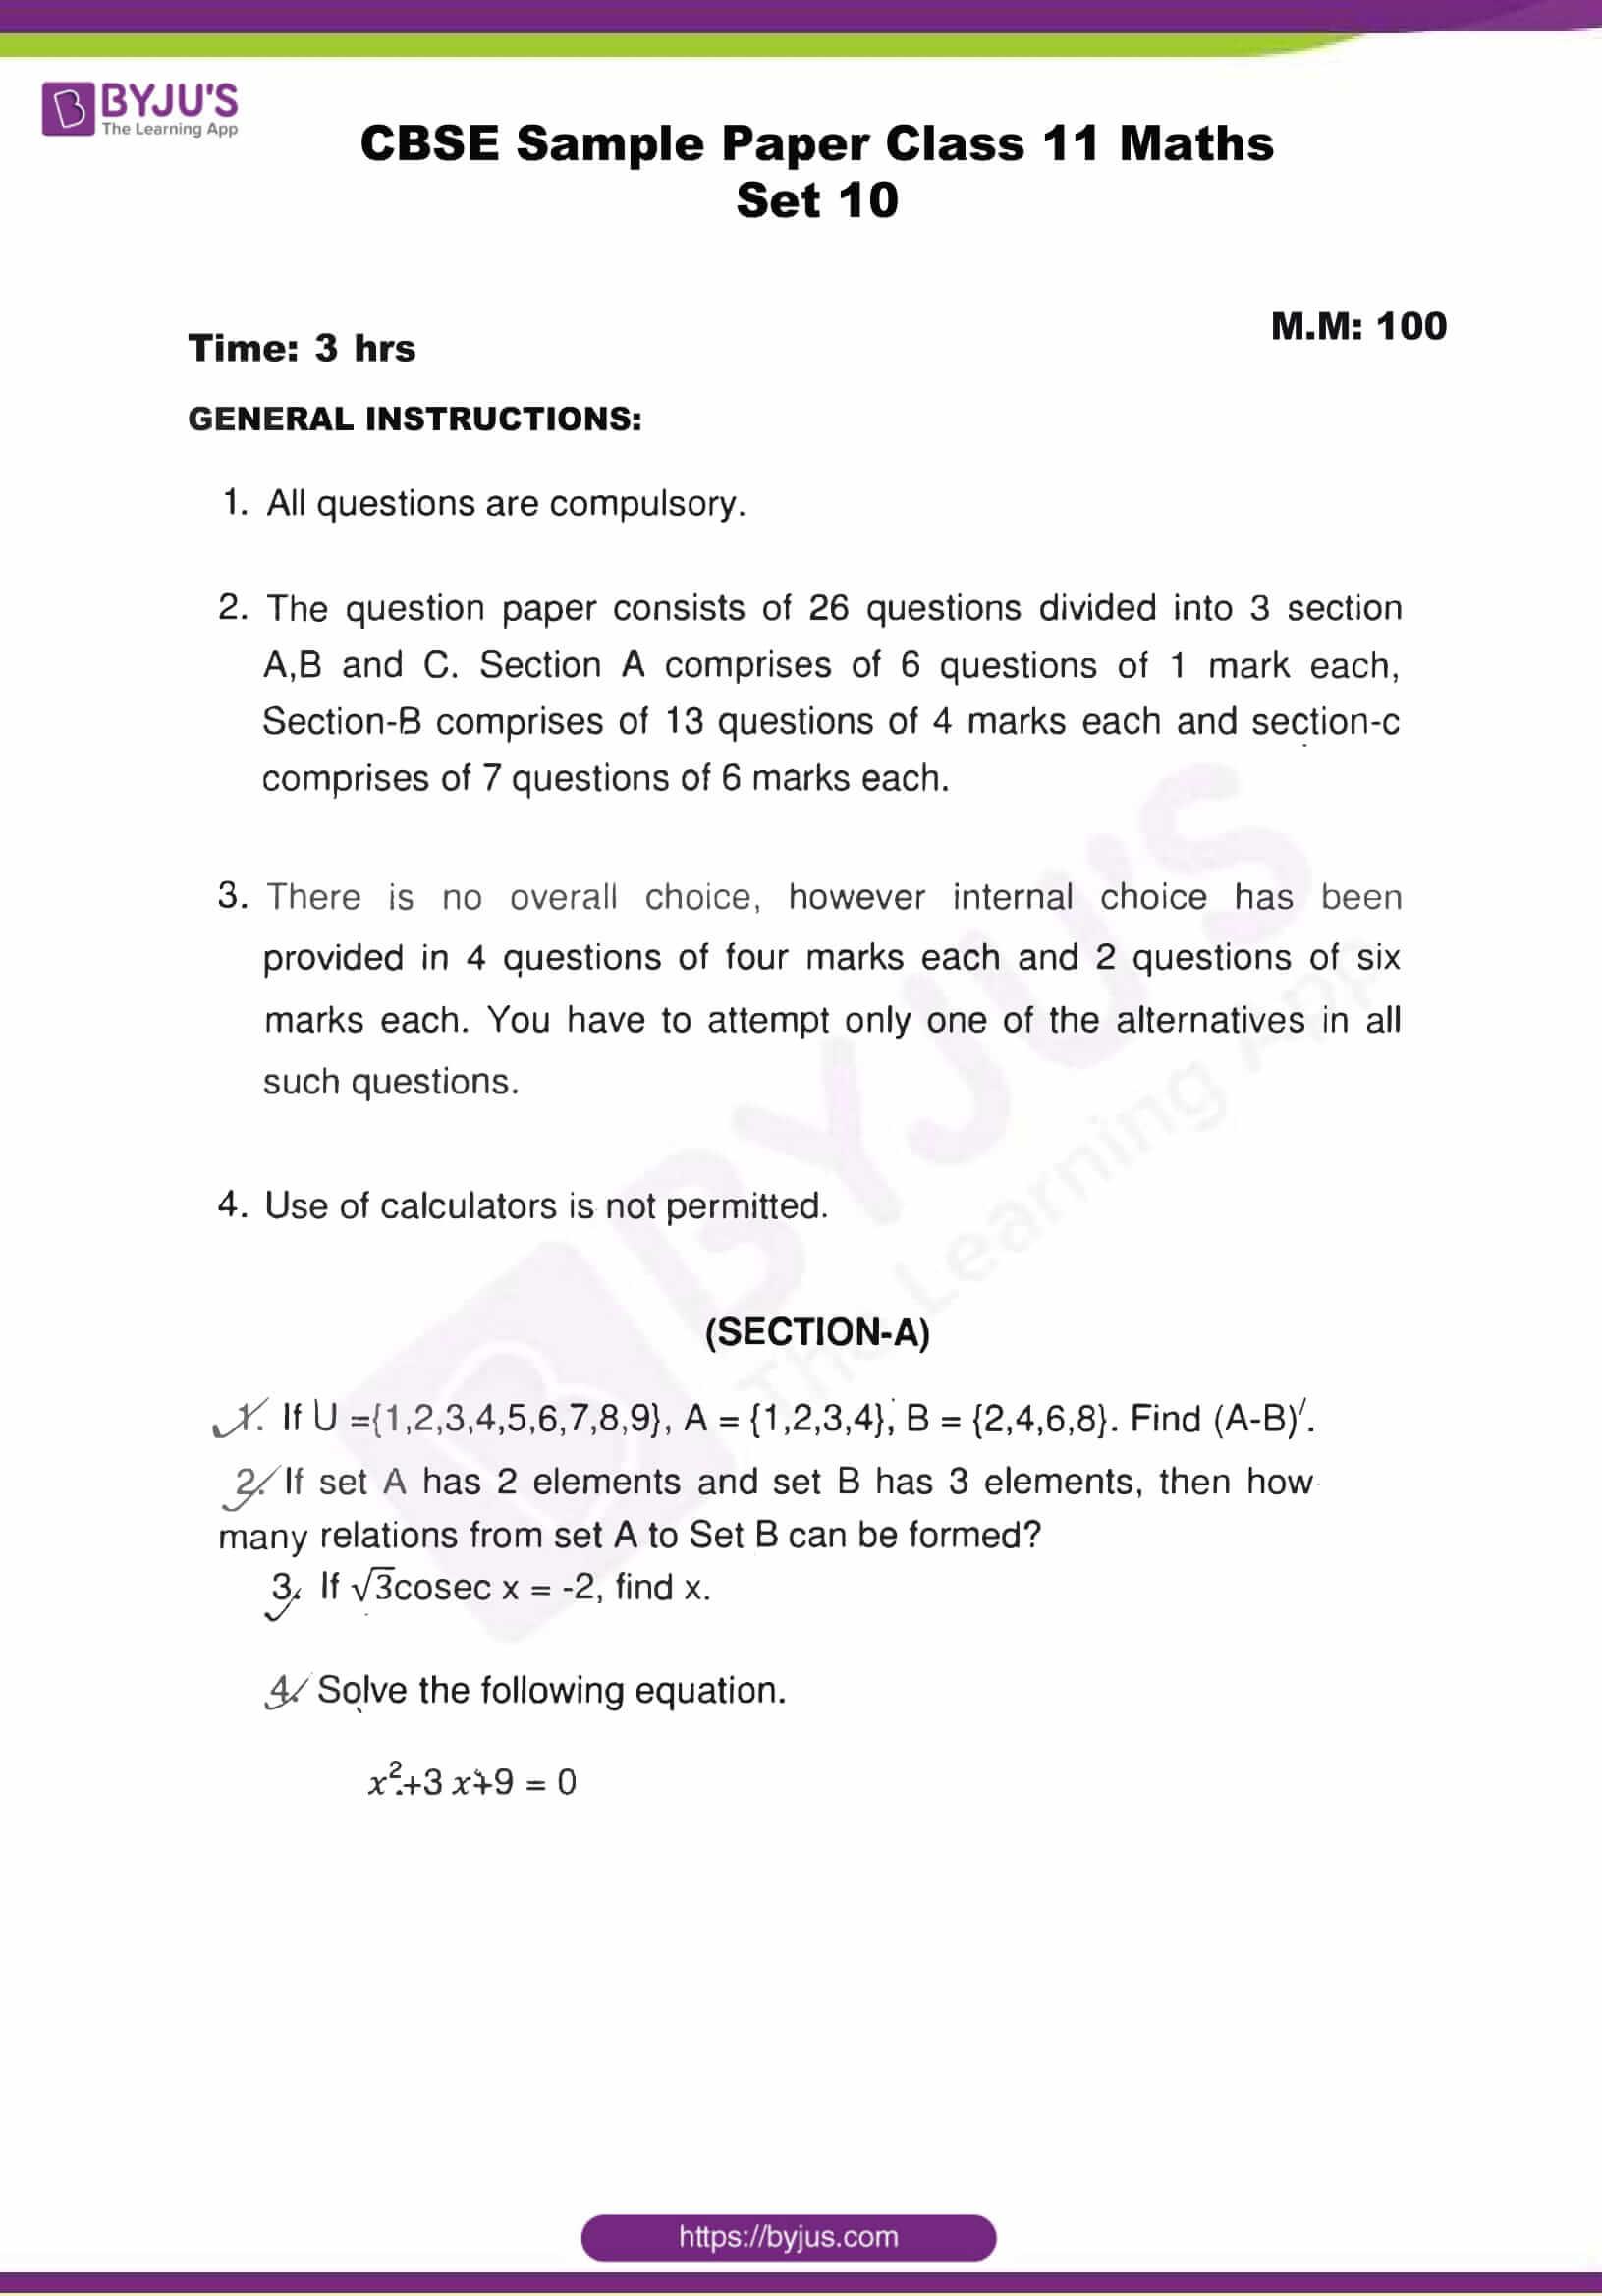 cbse sample paper class 11 maths set 10